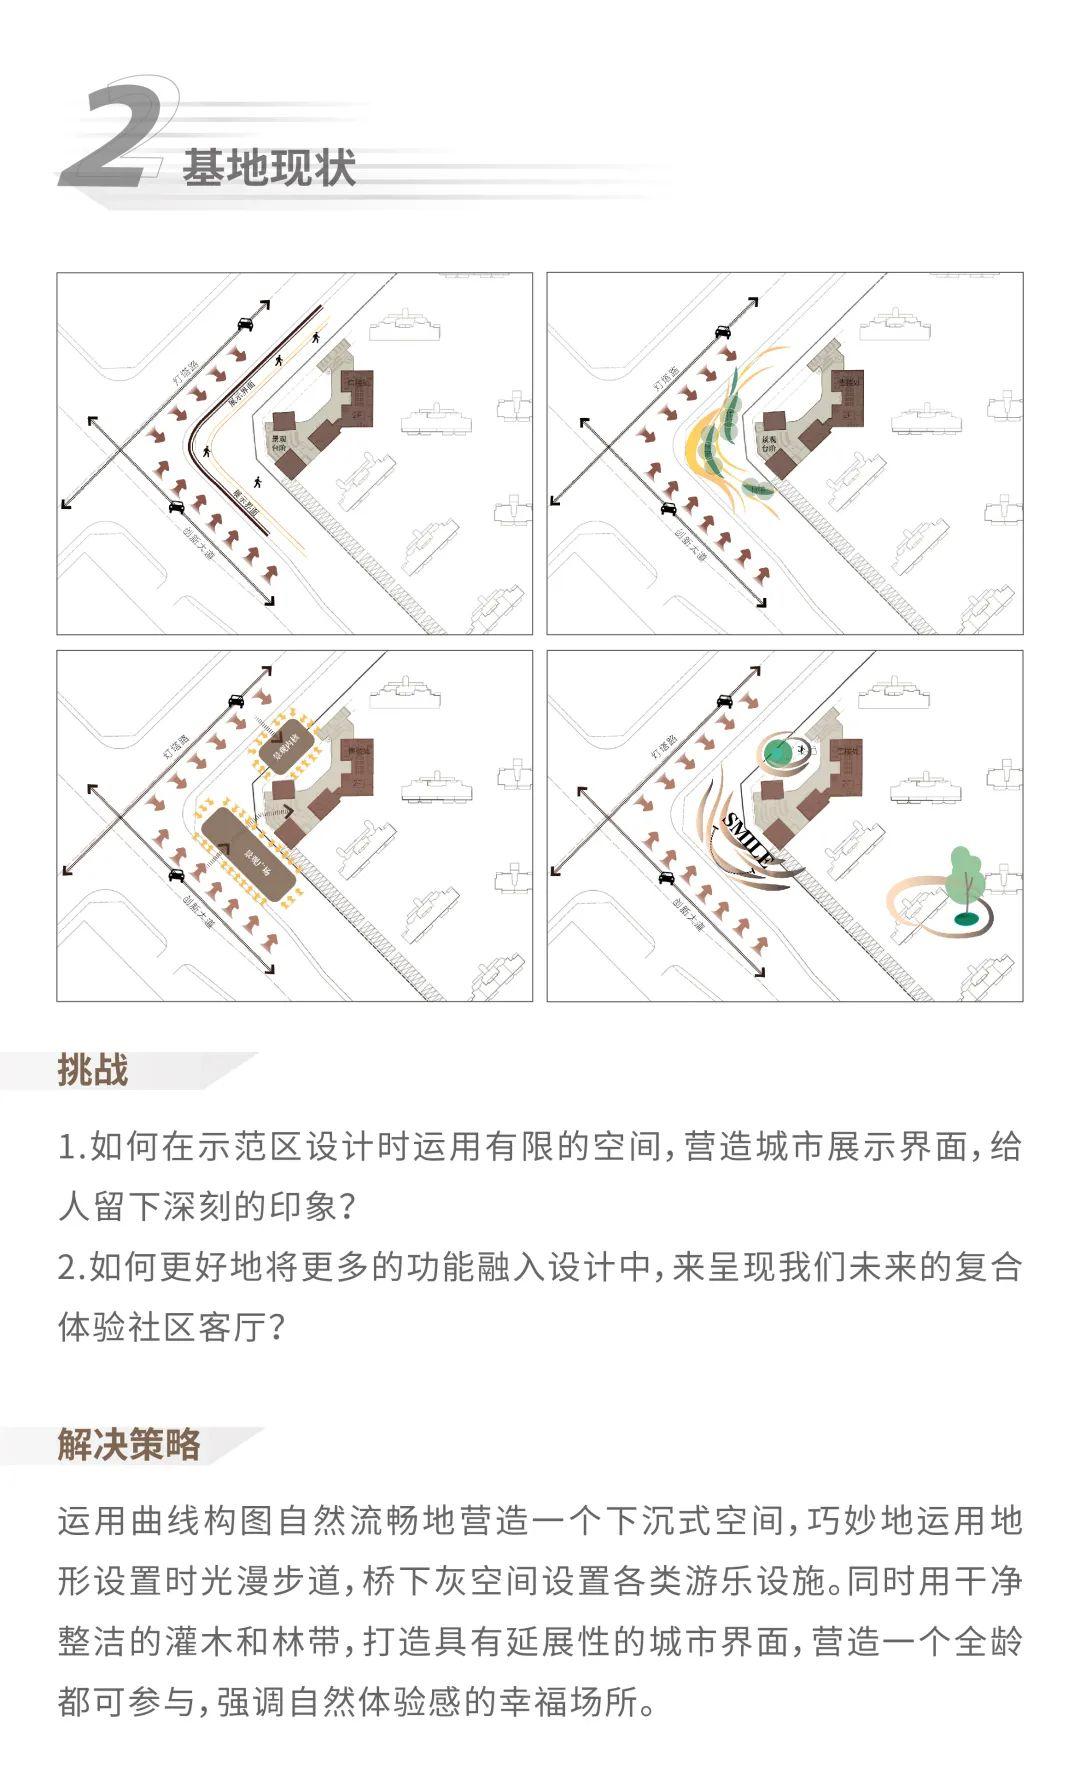 正荣·旭辉 合肥政务未来 建筑设计 / HZS汇张思